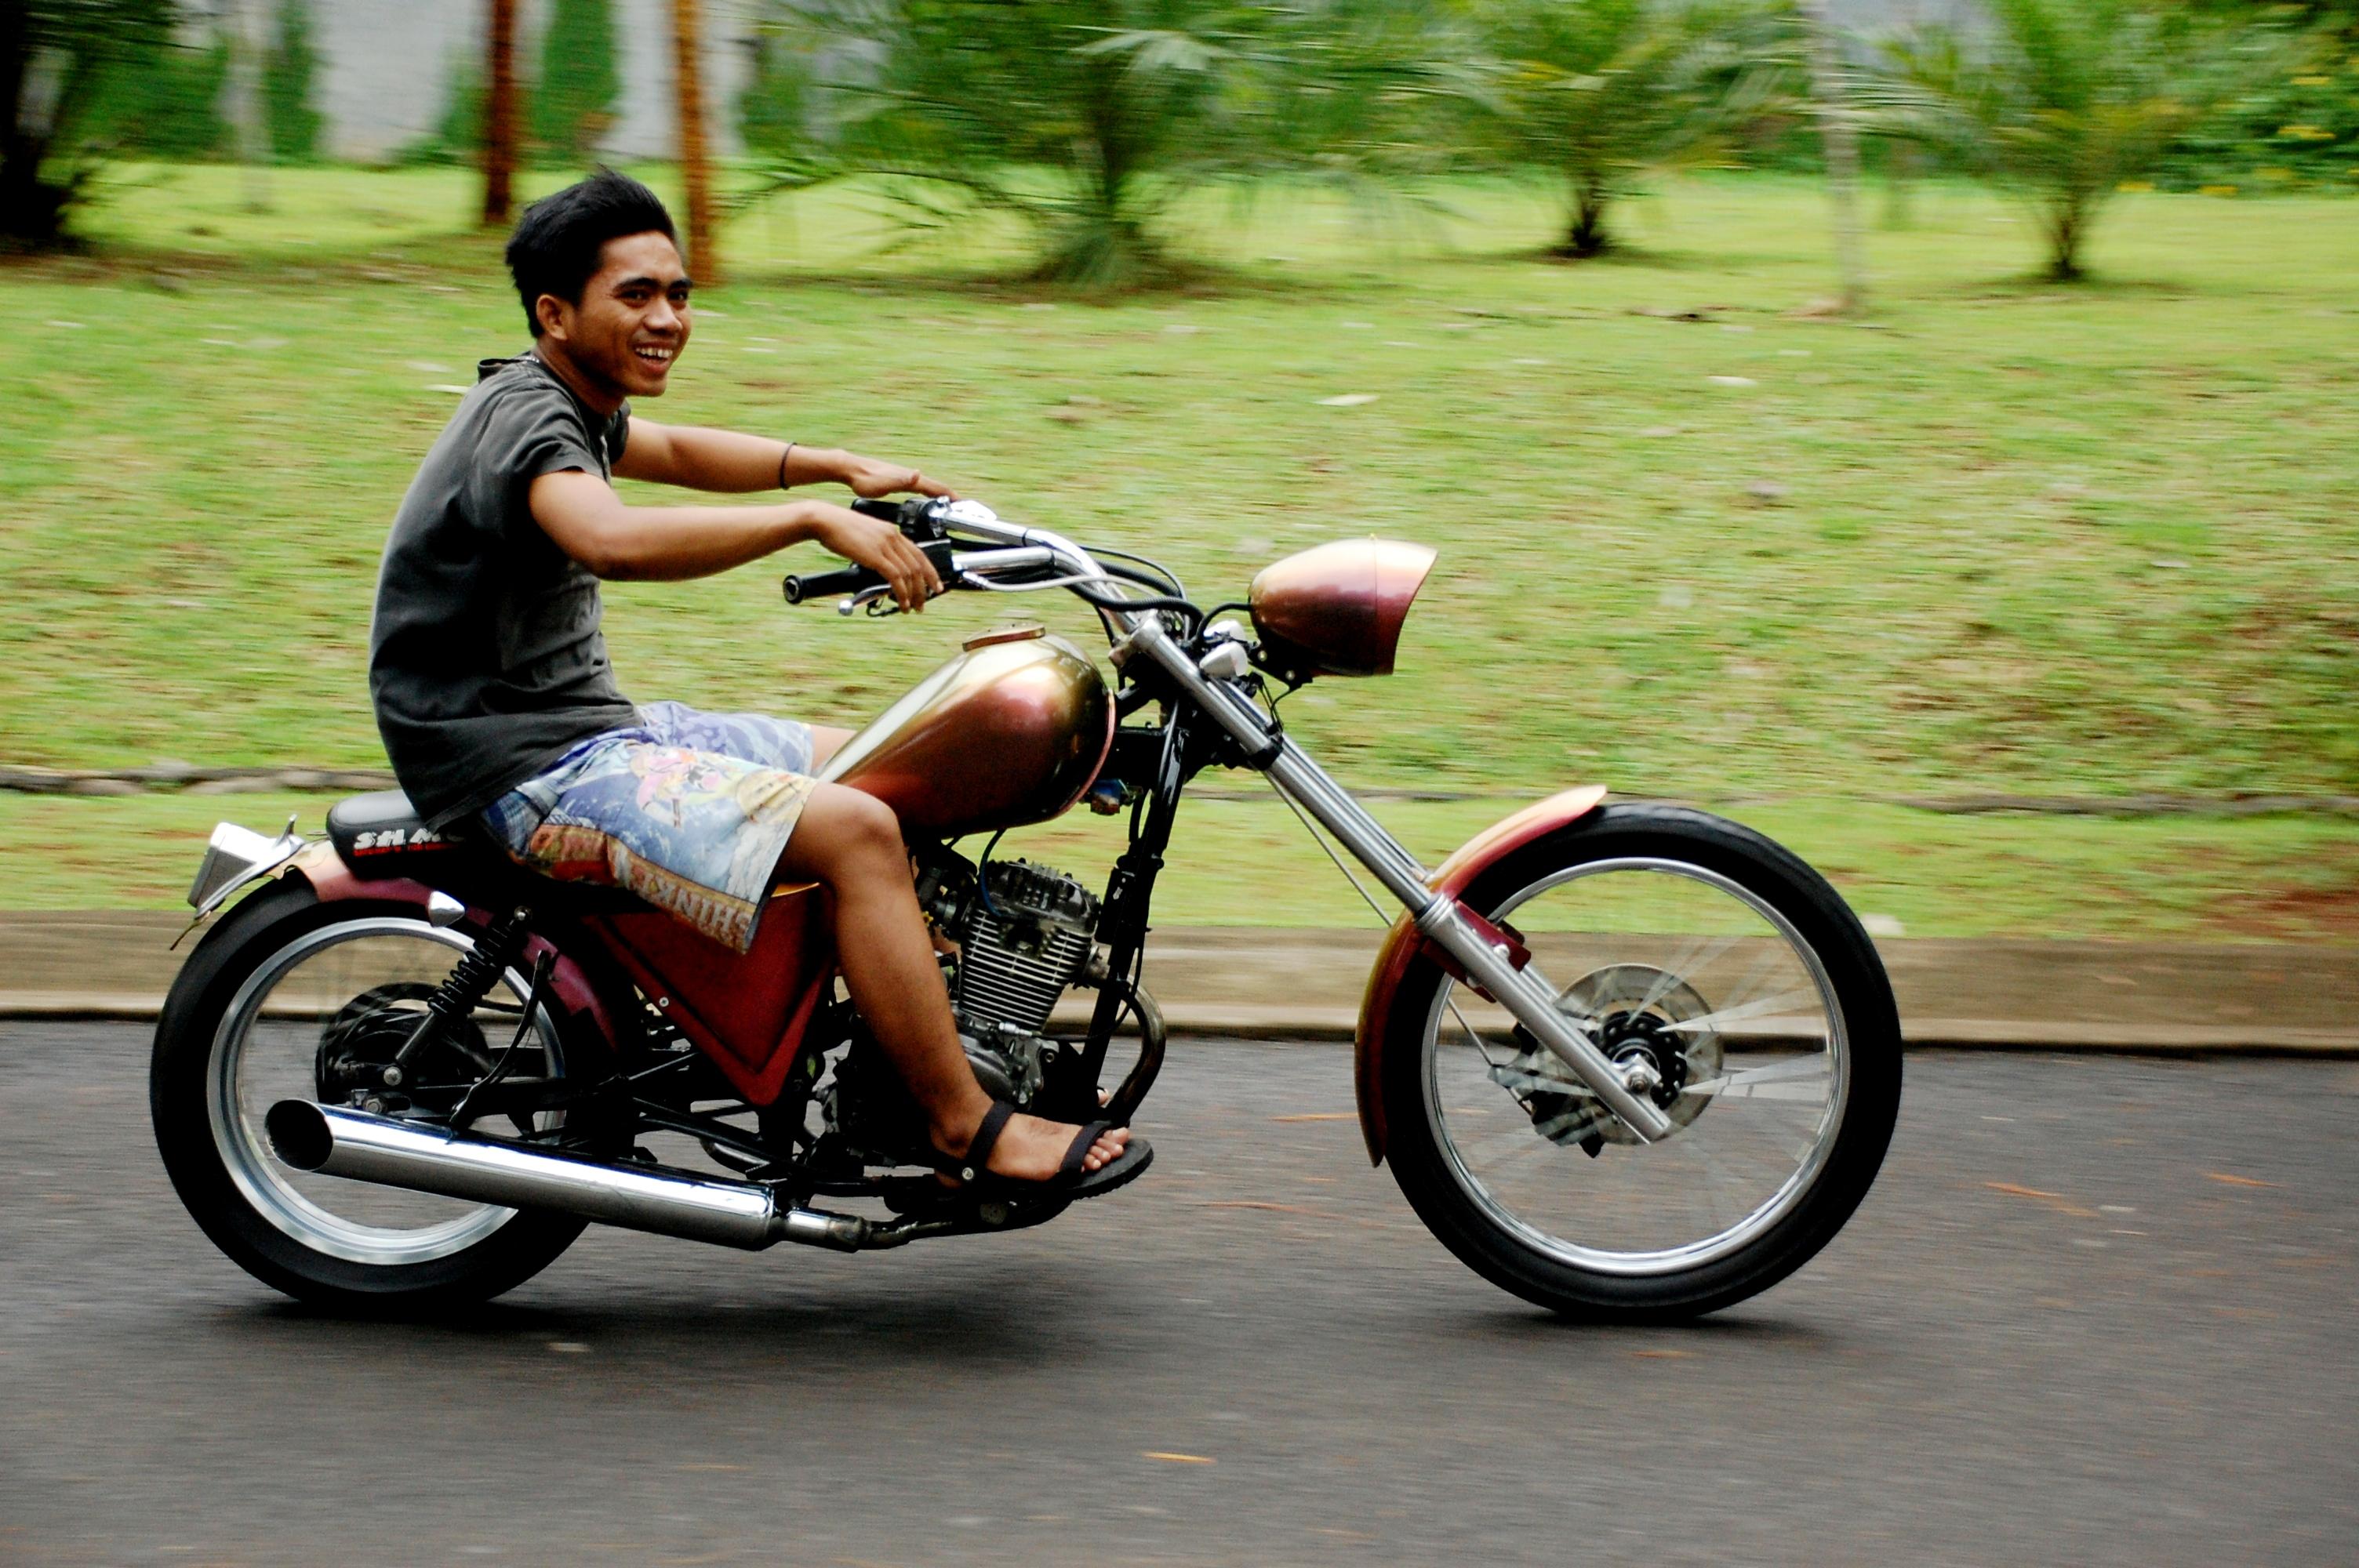 Koleksi Ide Modifikasi Motor Tiger Jadi Harley Terlengkap Velgy Motor